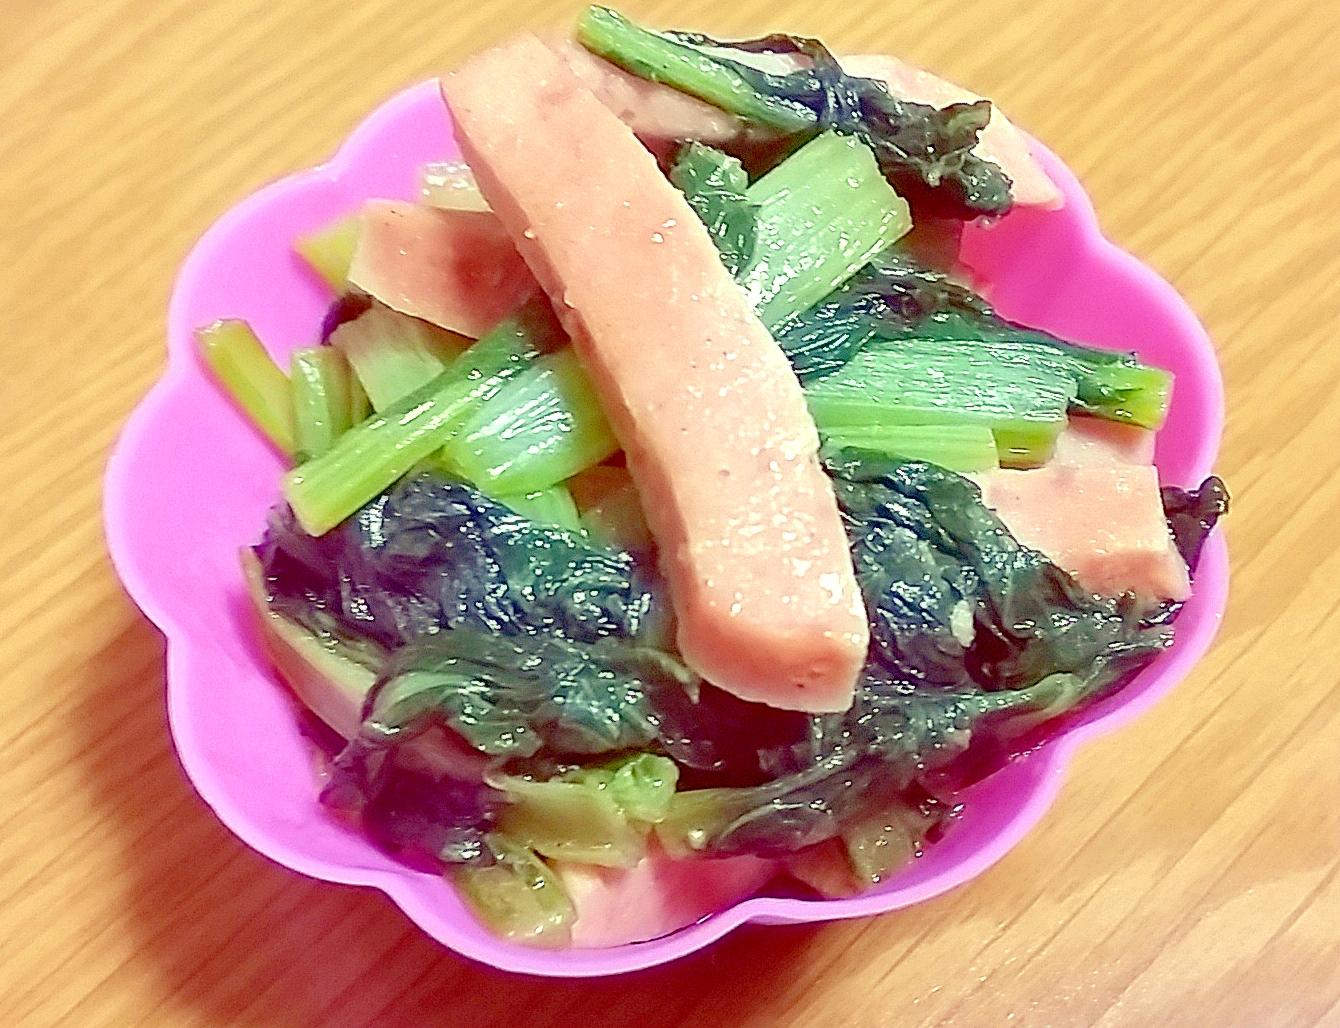 お弁当のおかずに☆小松菜とハムの簡単炒め♪ レシピ・作り方 by yomogimotir|楽天レシピ